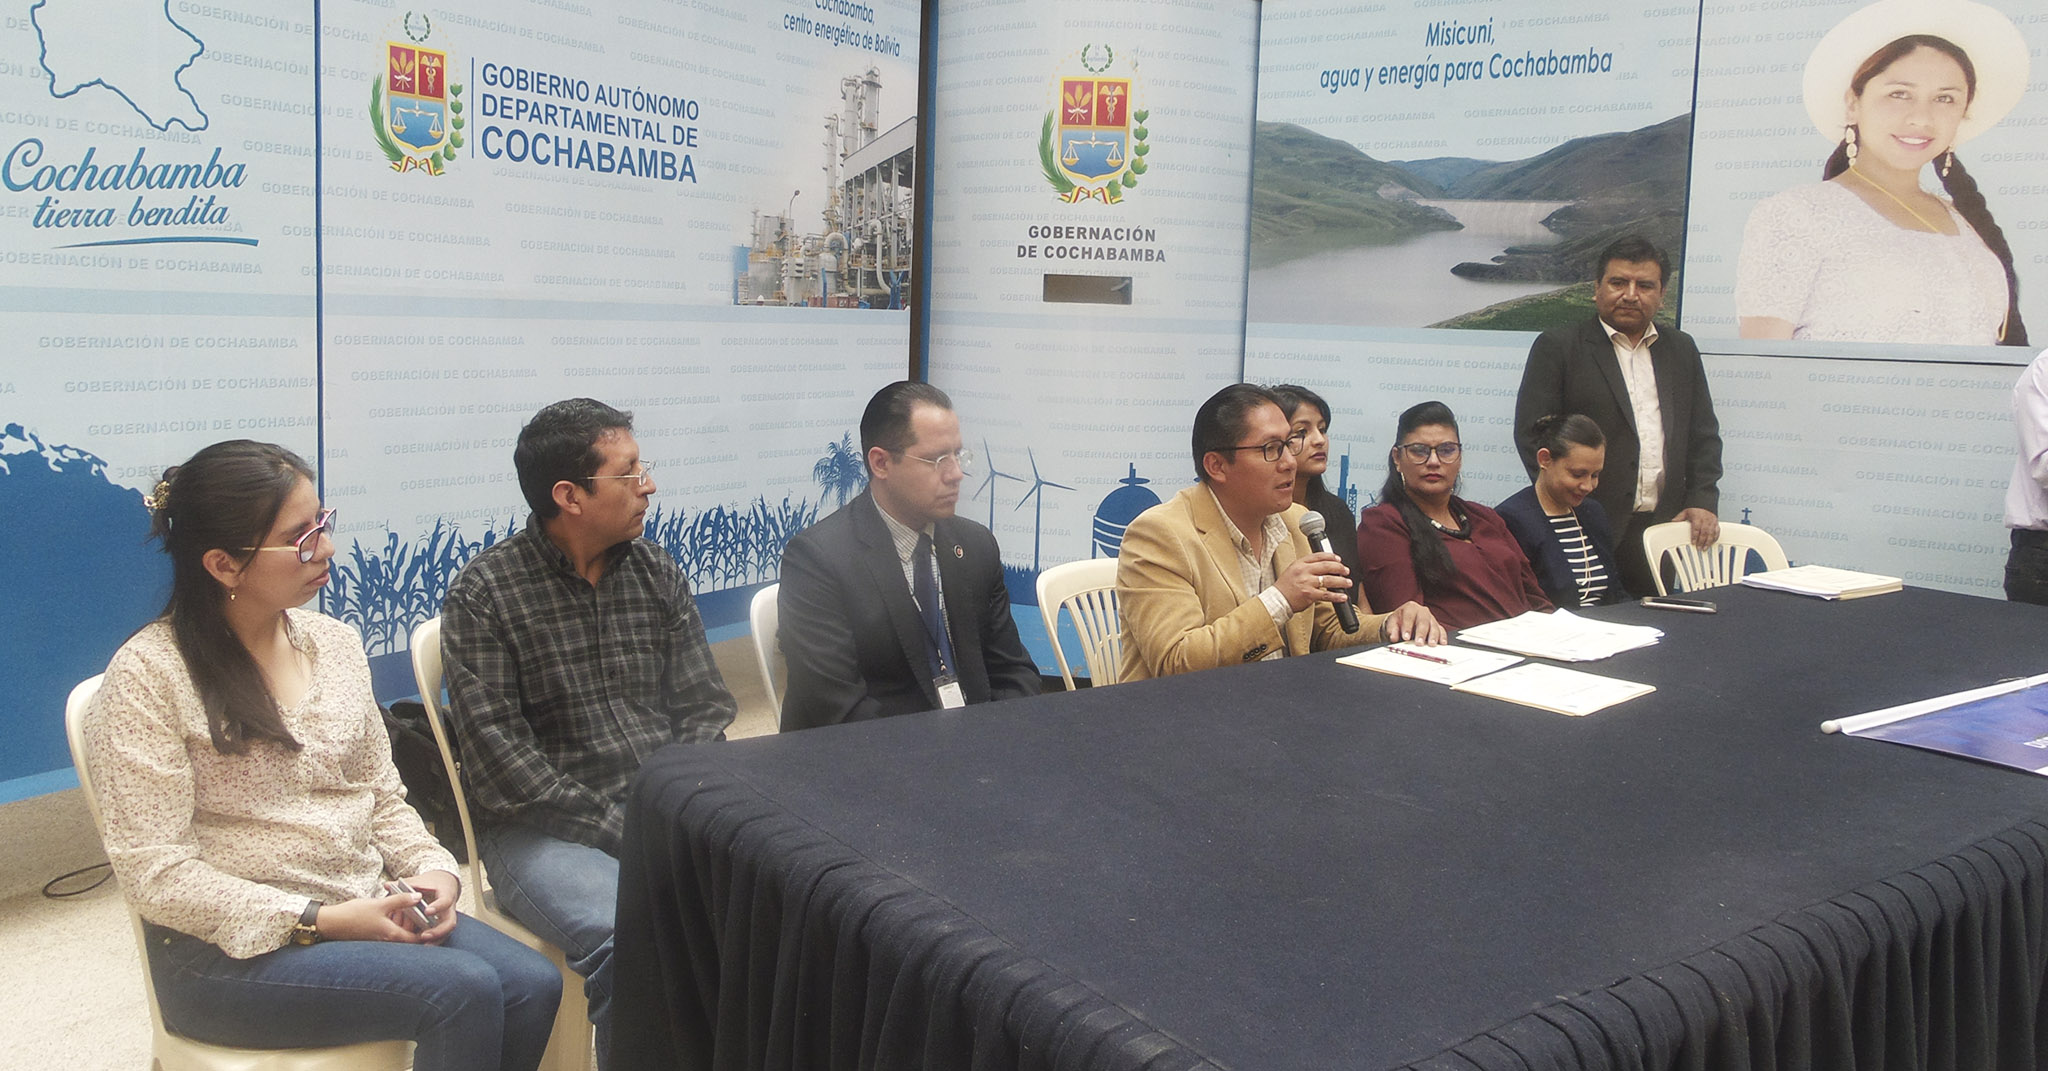 POR EL 21 DE SEPTIEMBRE: GOBERNACIÓN DE COCHABAMBA ENTREGÓ RECONOCIMIENTOS A ESTUDIANTES DESTACADOS DE UNICEN